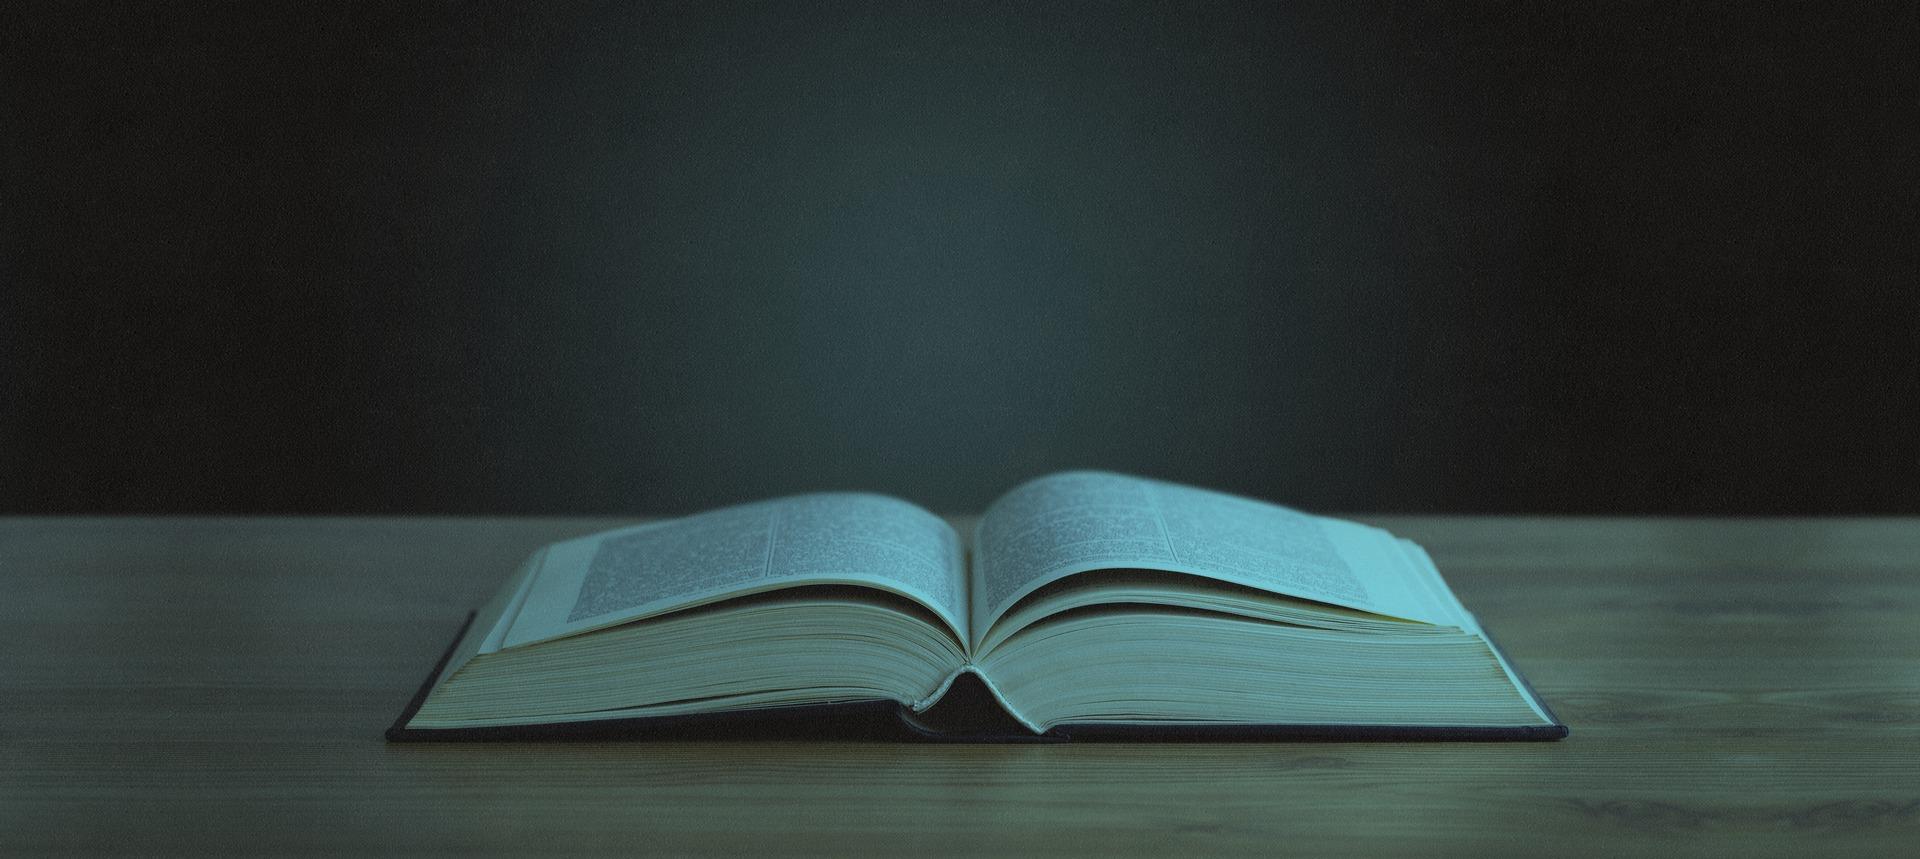 search-book-slide2